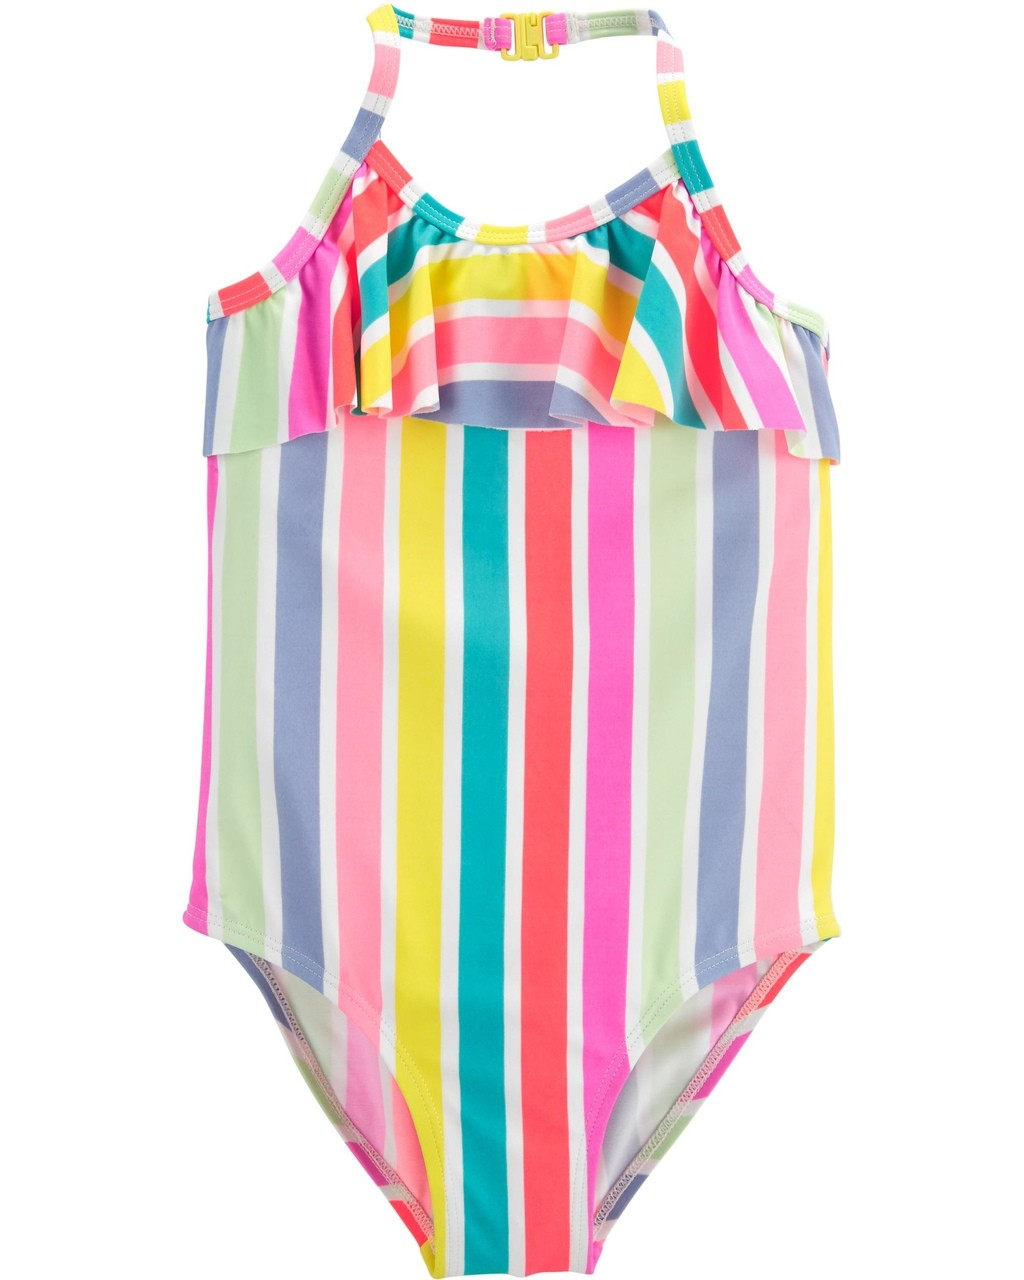 Maiô Colorido Arco íris Oshkosh